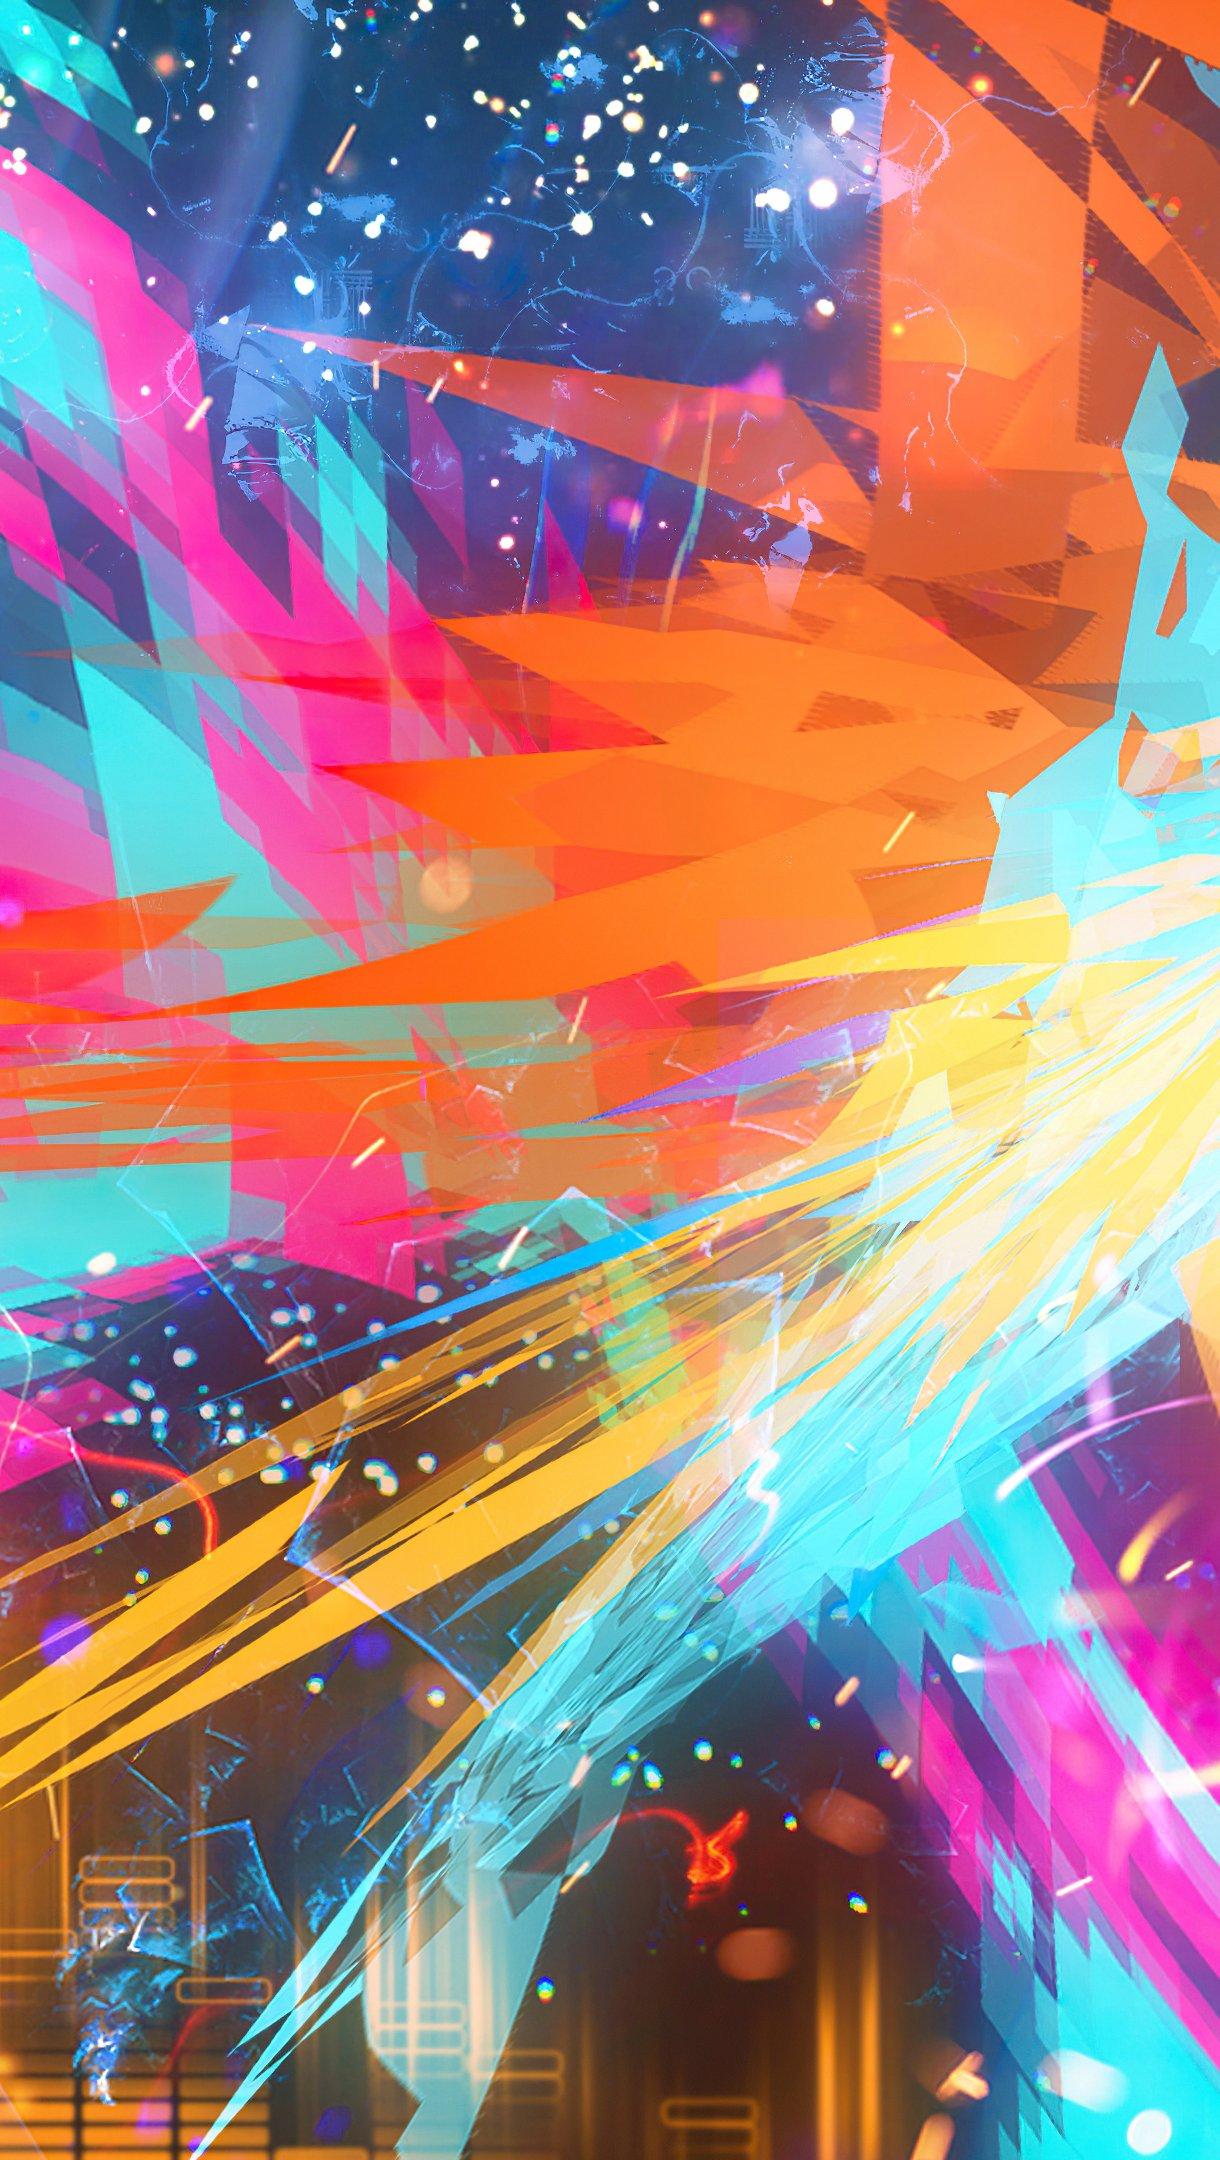 Fondos de pantalla El Atlas abstracto Vertical